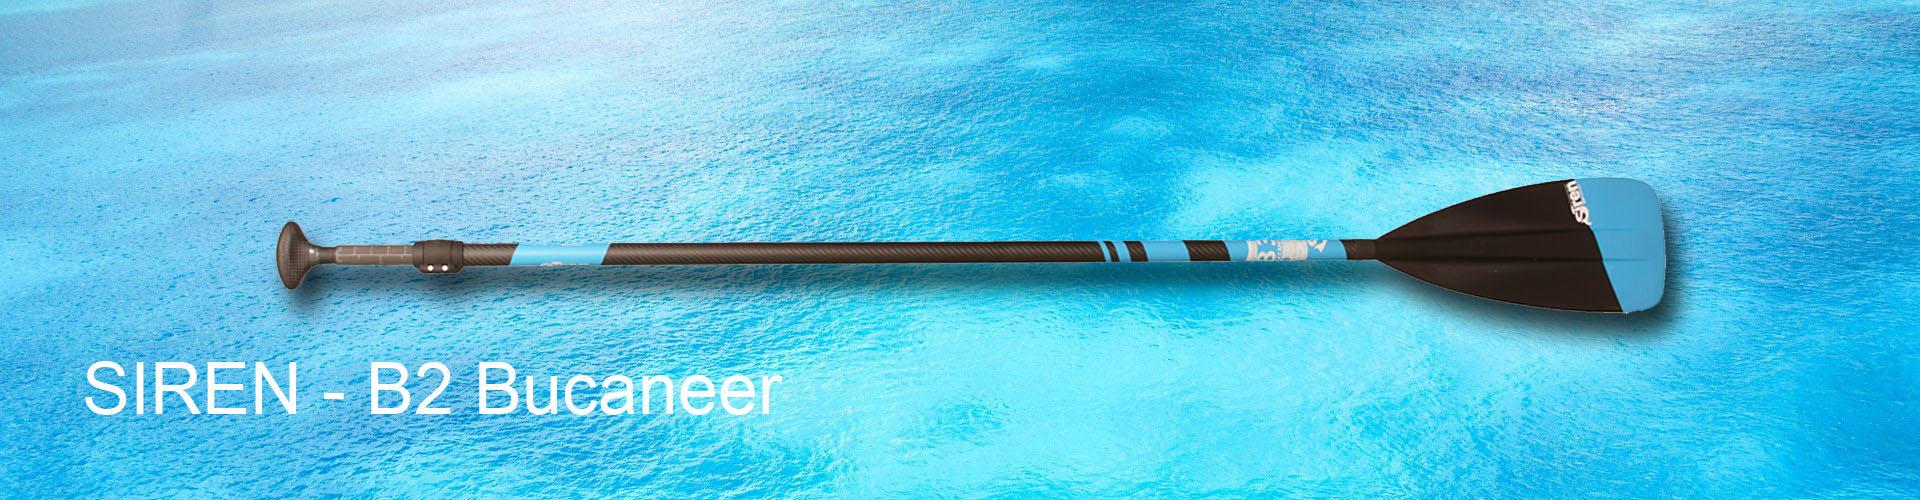 Siren Bucaneer B2